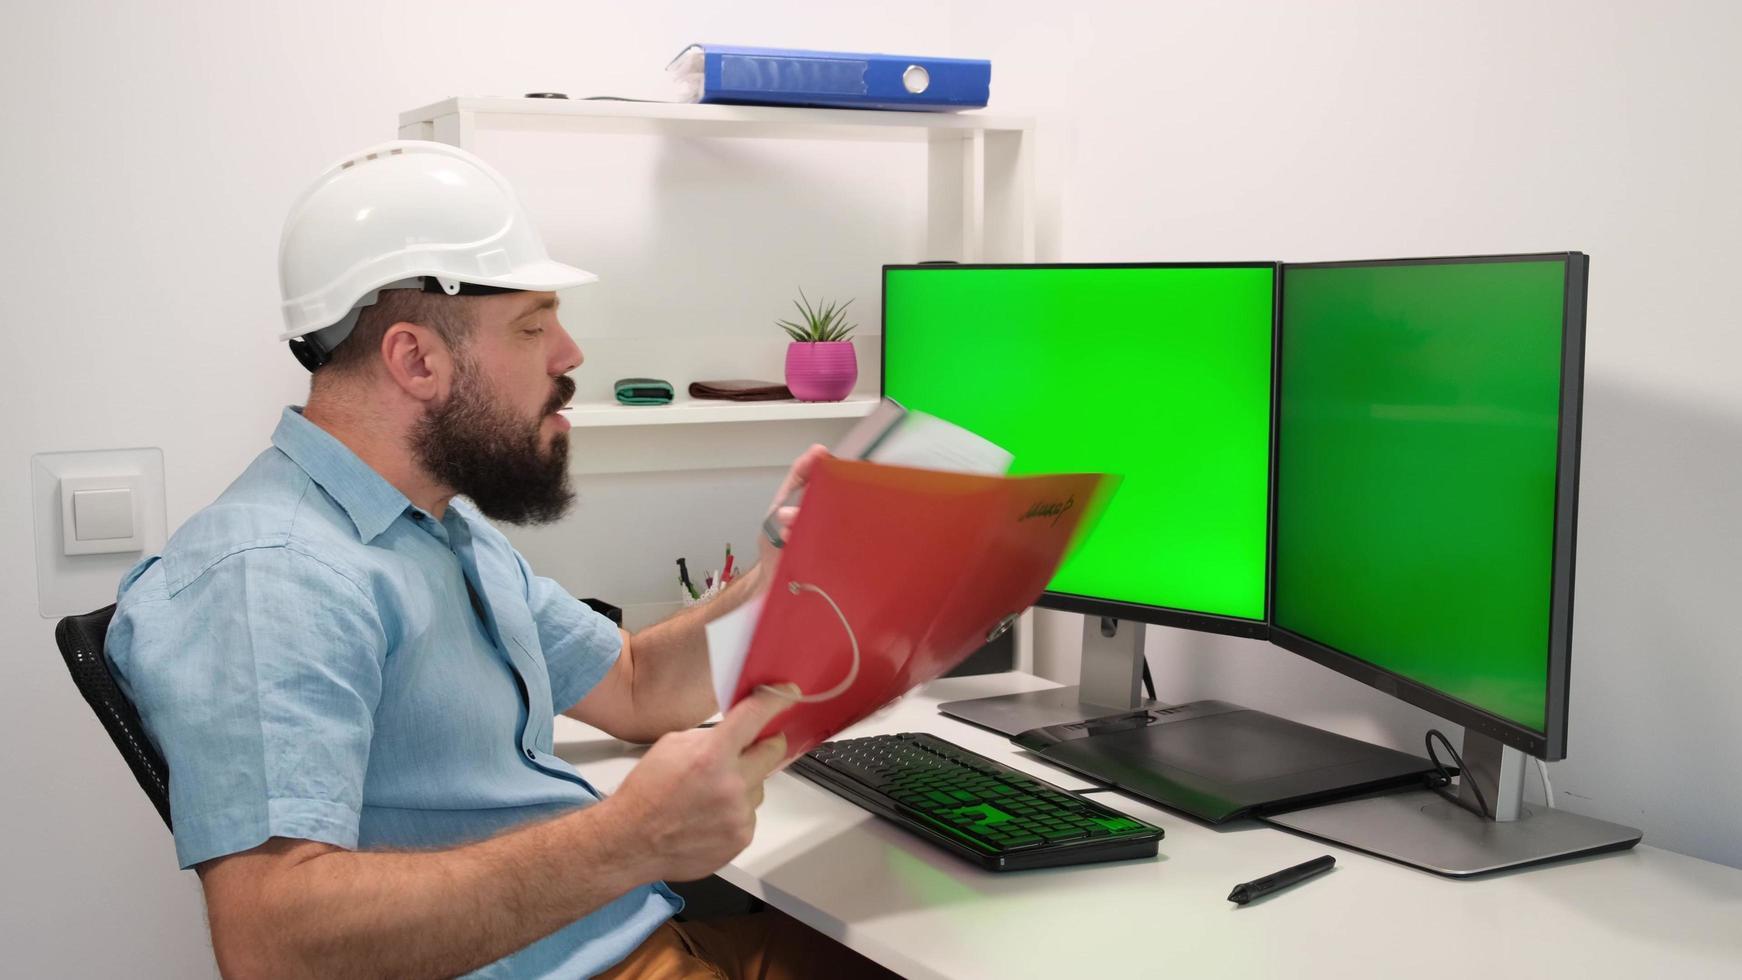 hombre en casco trabajando en casa detrás de la computadora con dos pantallas verdes para rastrear y pegar su información. acogedor interior de la casa, alto concepto tecnológico. foto